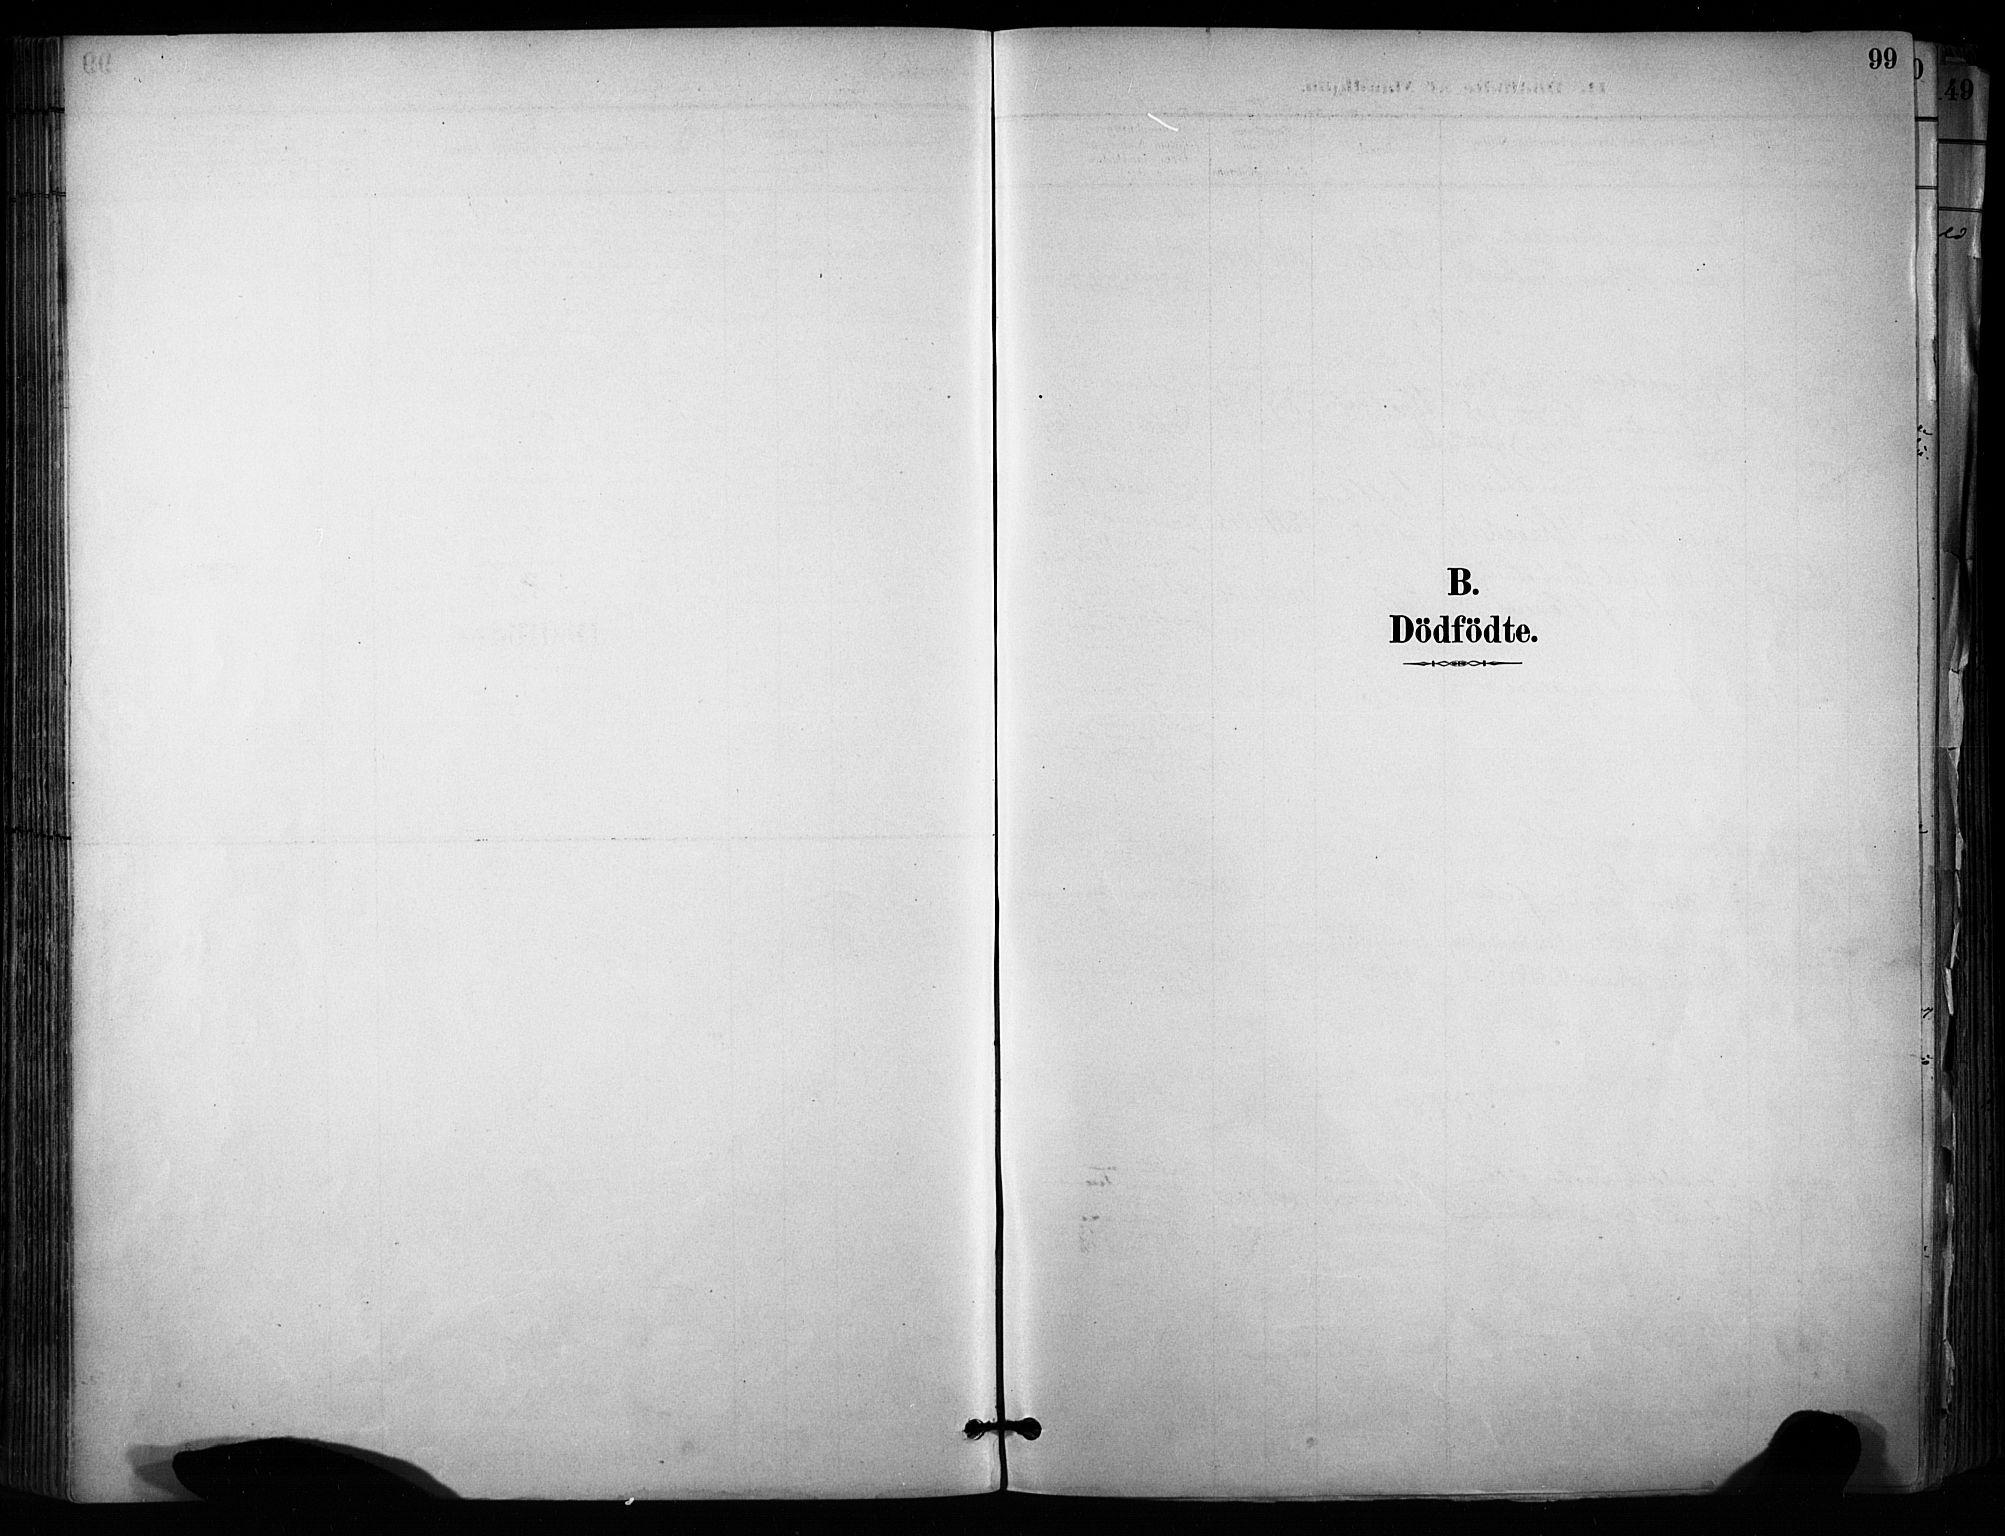 SAKO, Sannidal kirkebøker, F/Fa/L0015: Ministerialbok nr. 15, 1884-1899, s. 99